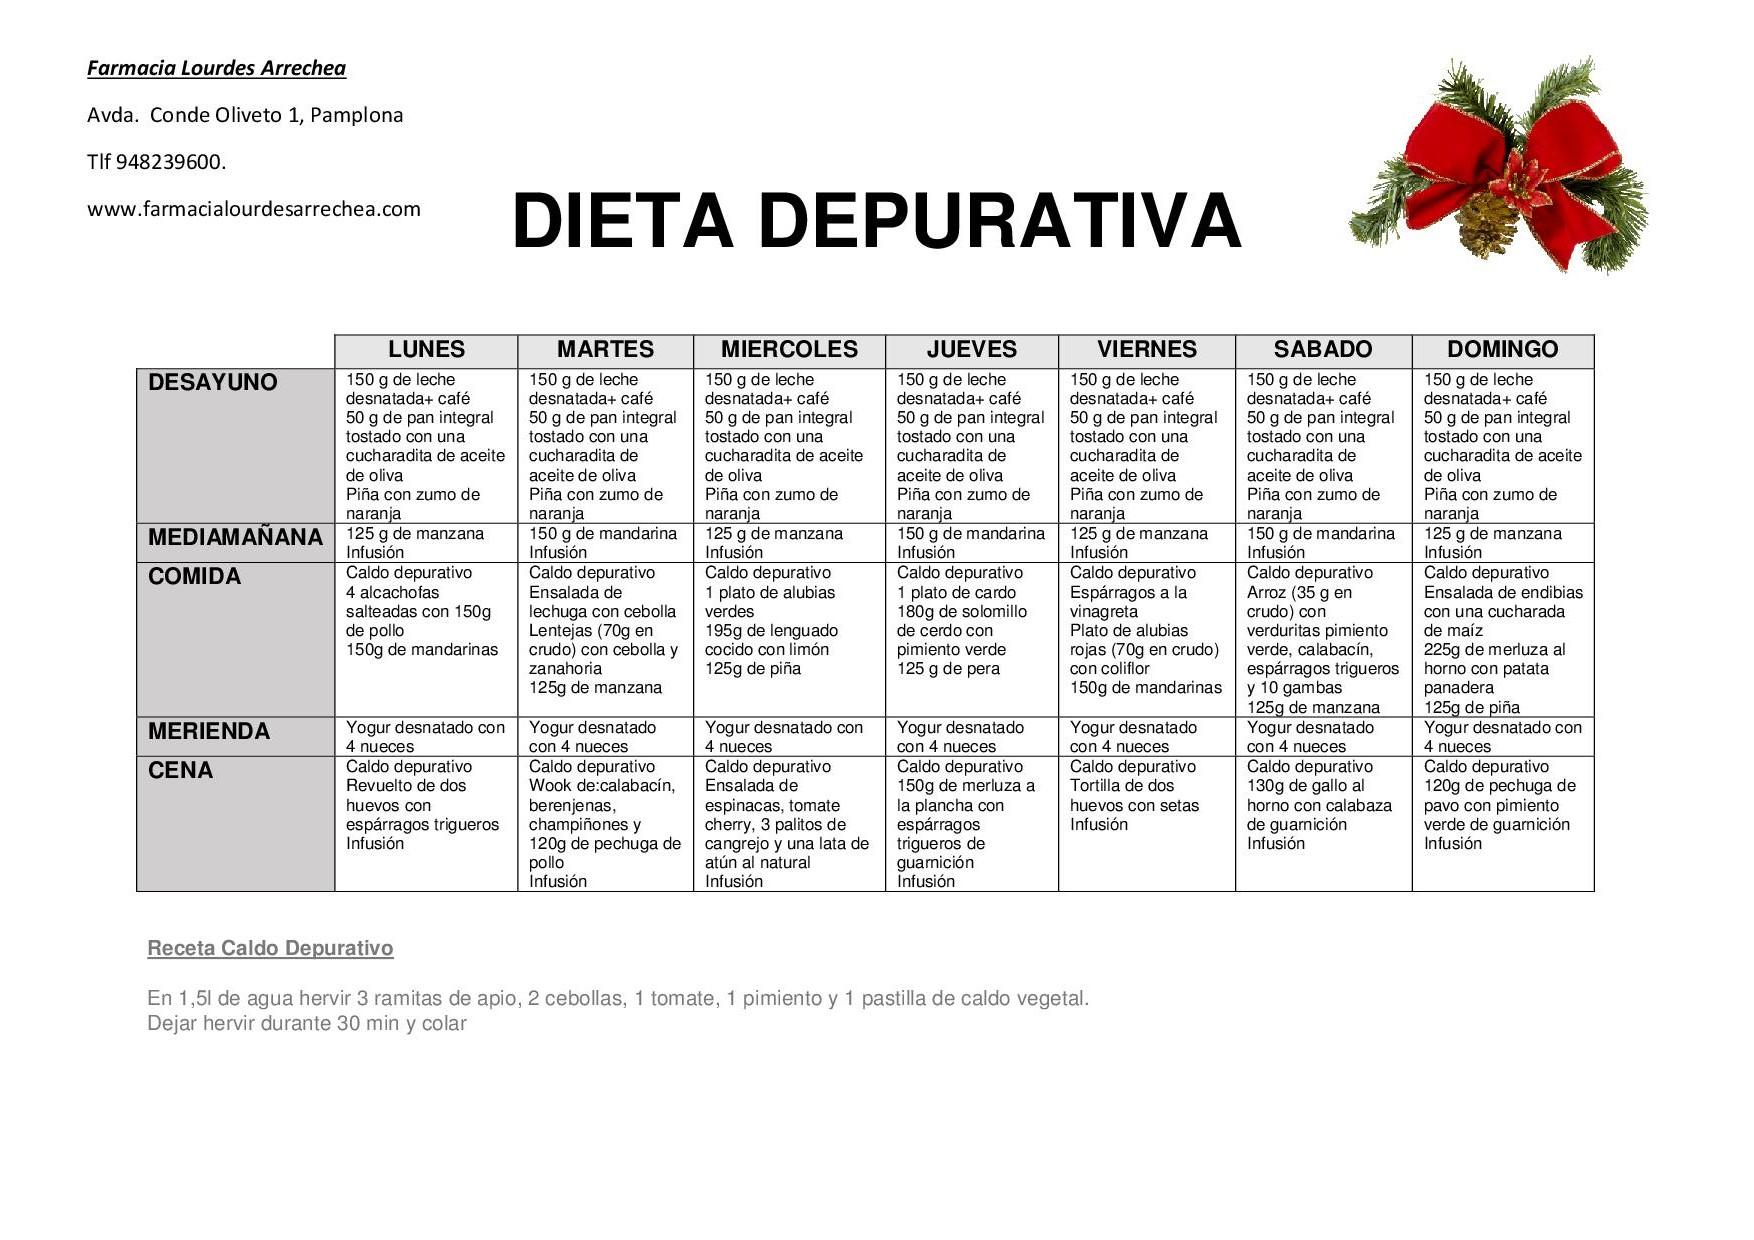 dieta-depurativa-3